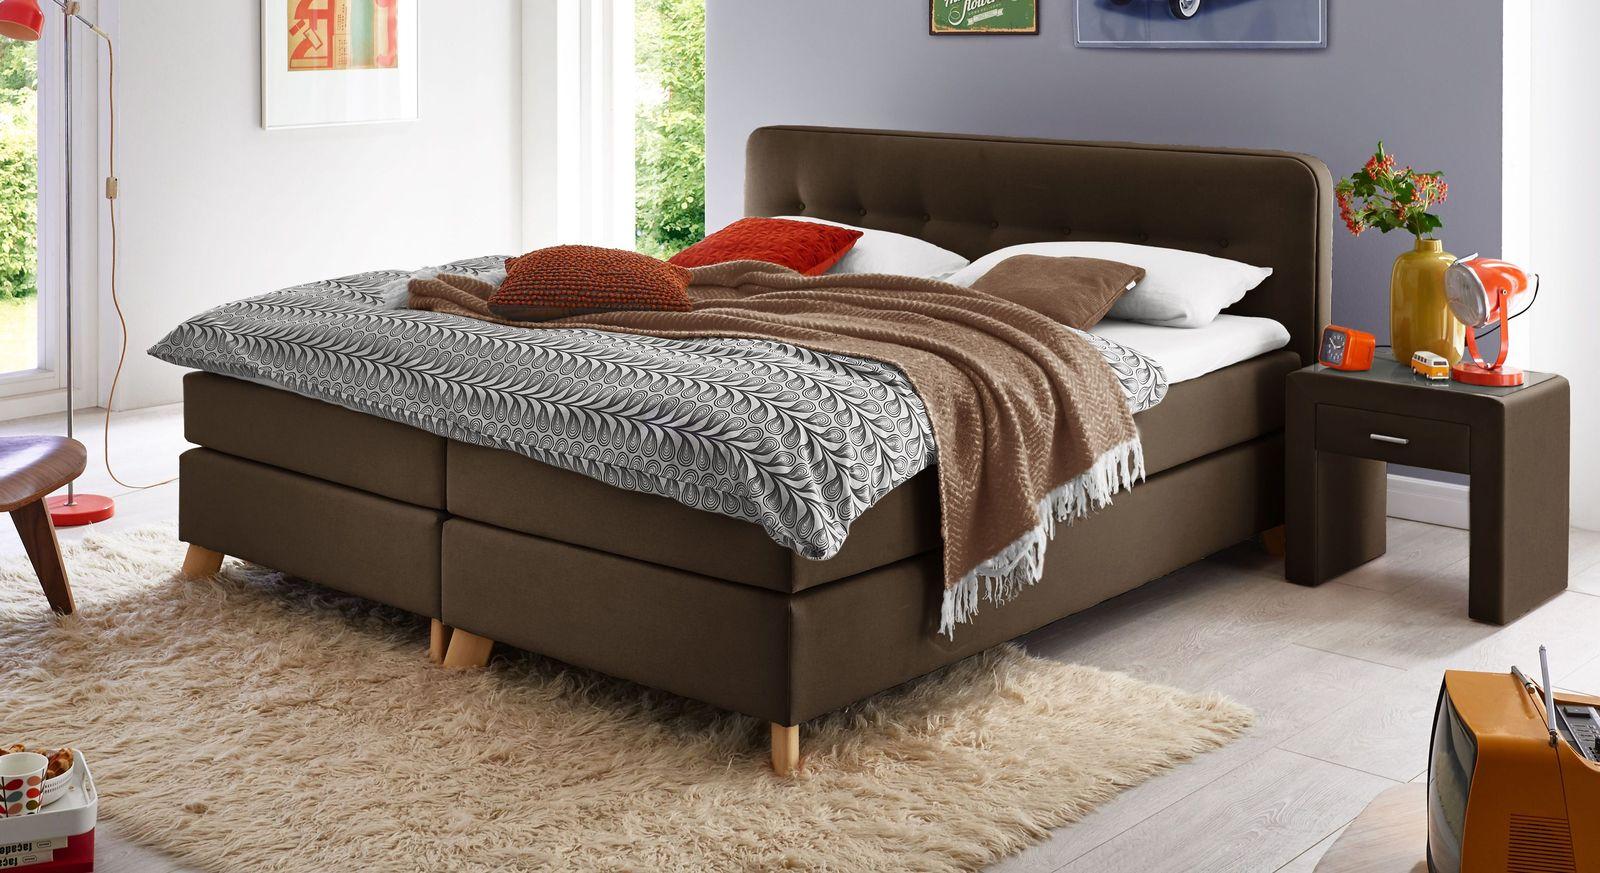 Komfortables Boxspringbett Summerford in warmem Braun